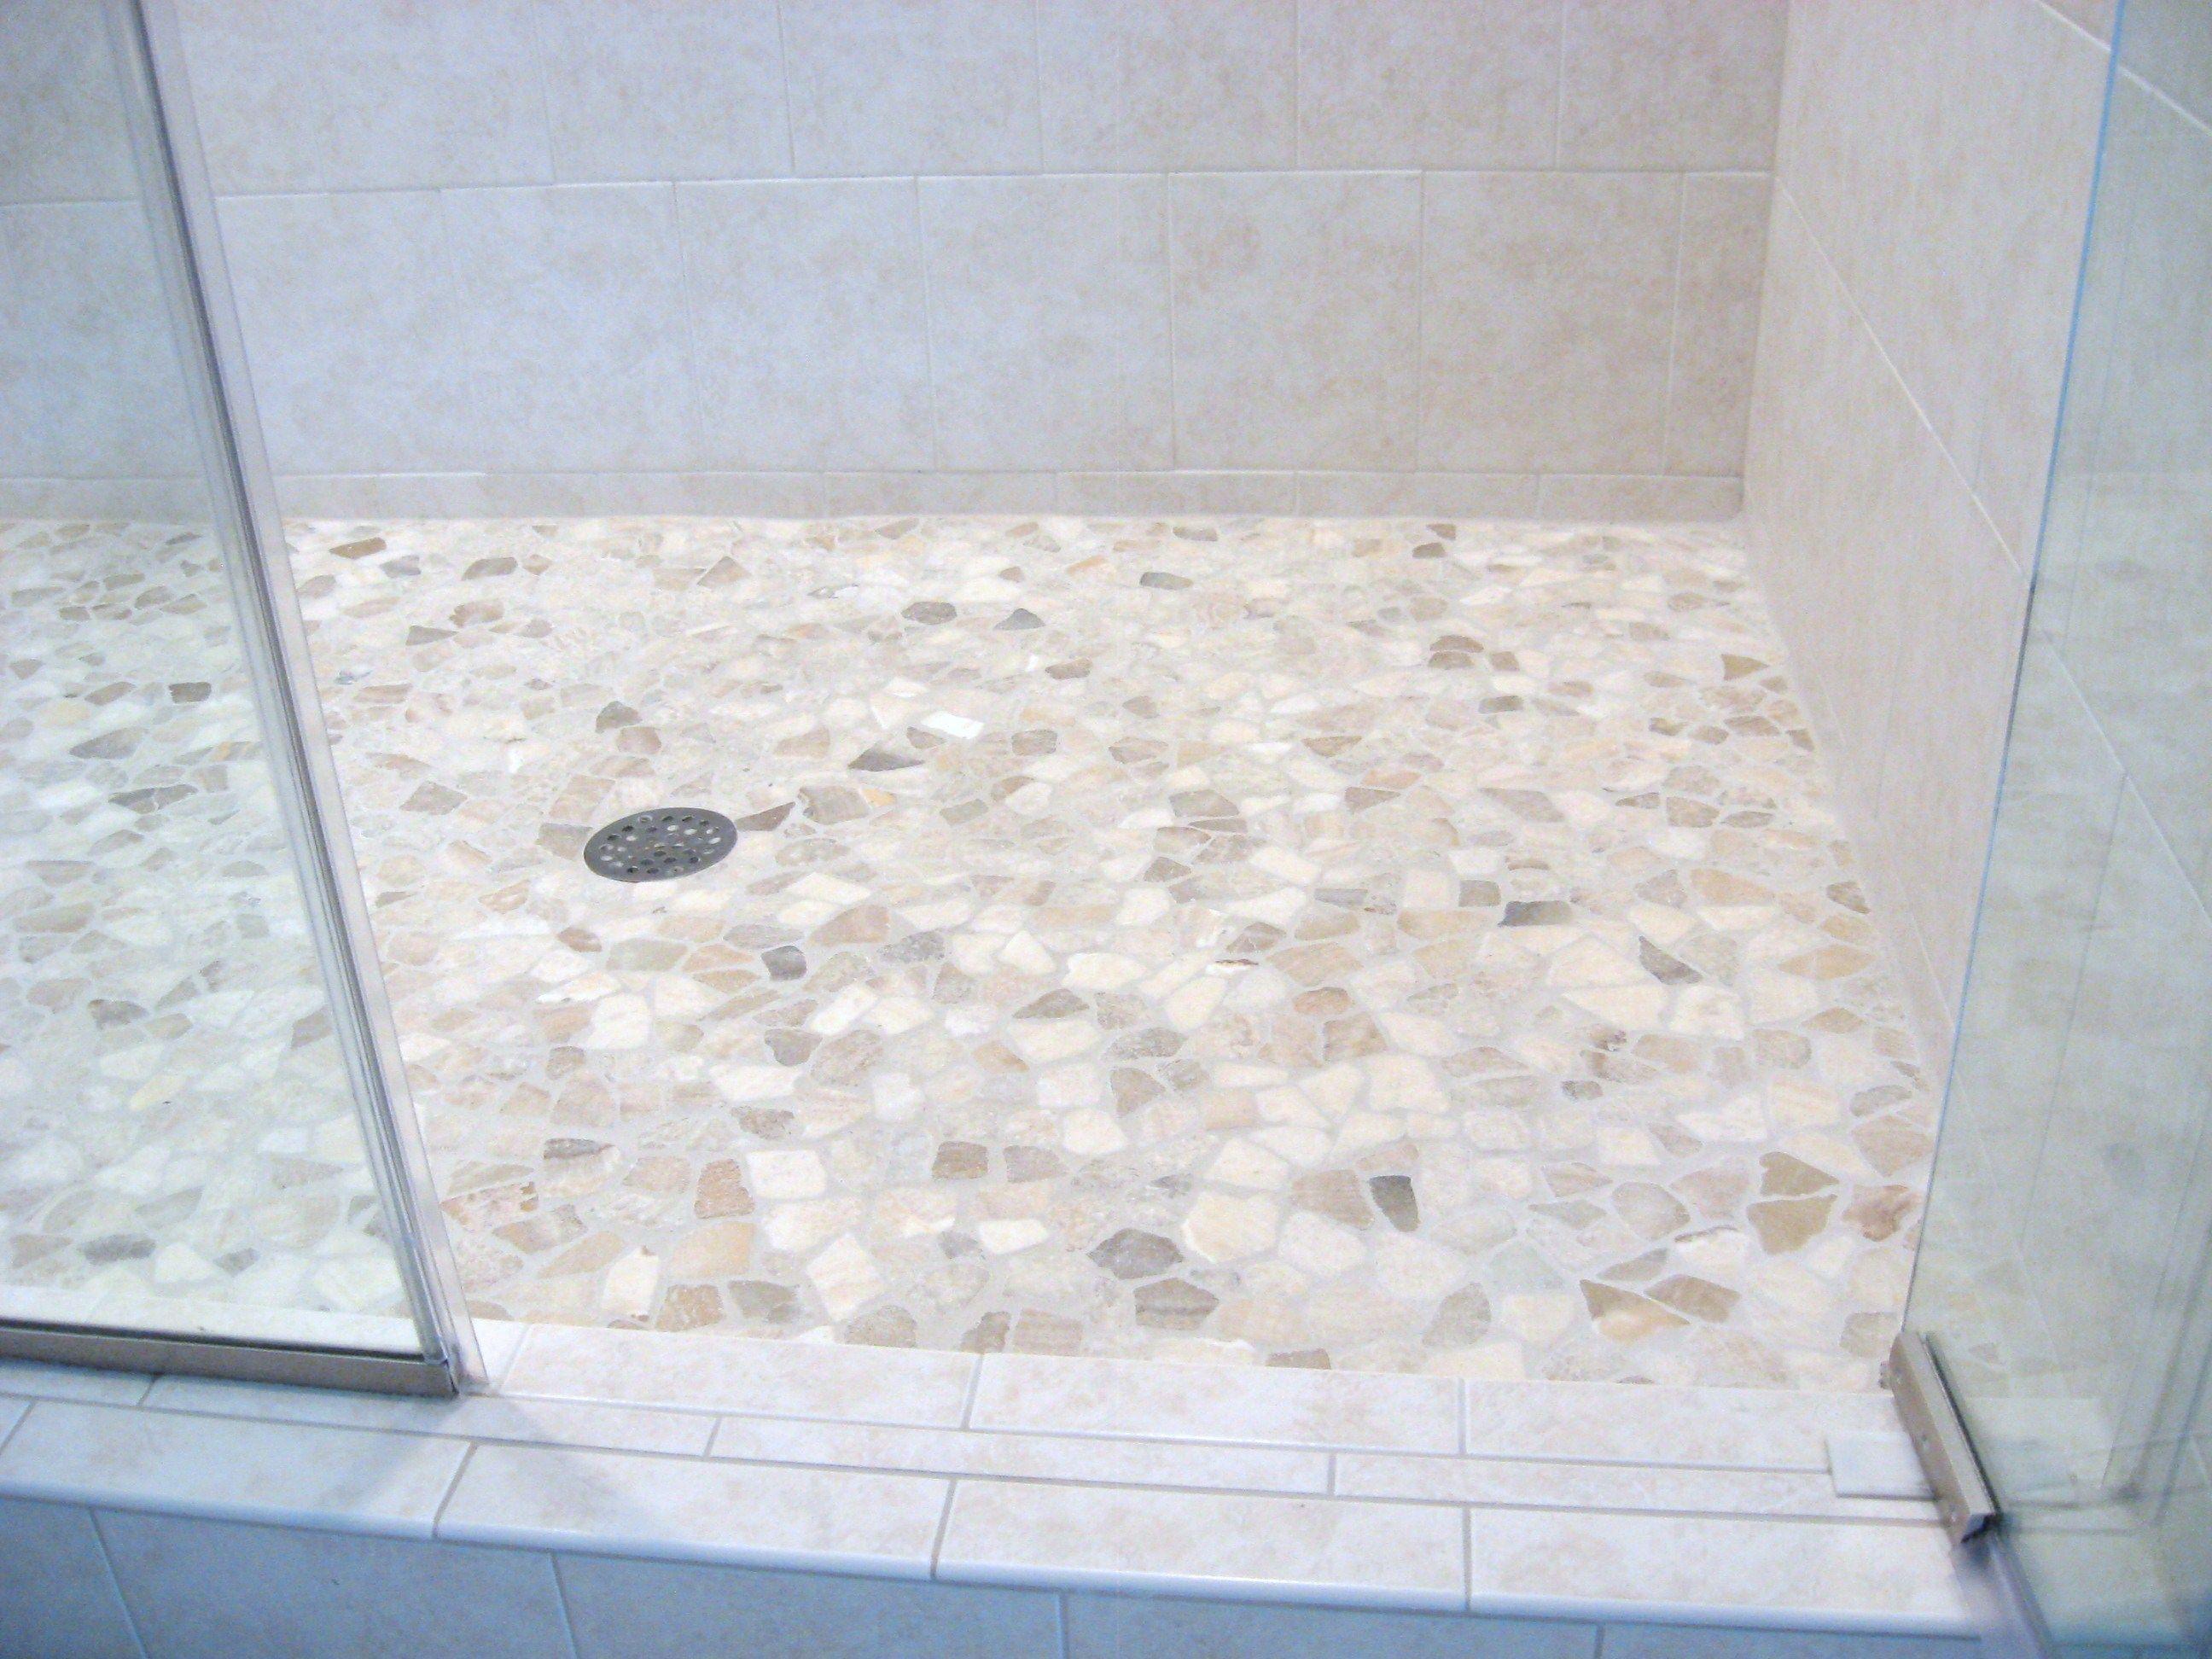 Mixed Quartz Mosaic Tile Mosaic Shower Tile Shower Pan Tile